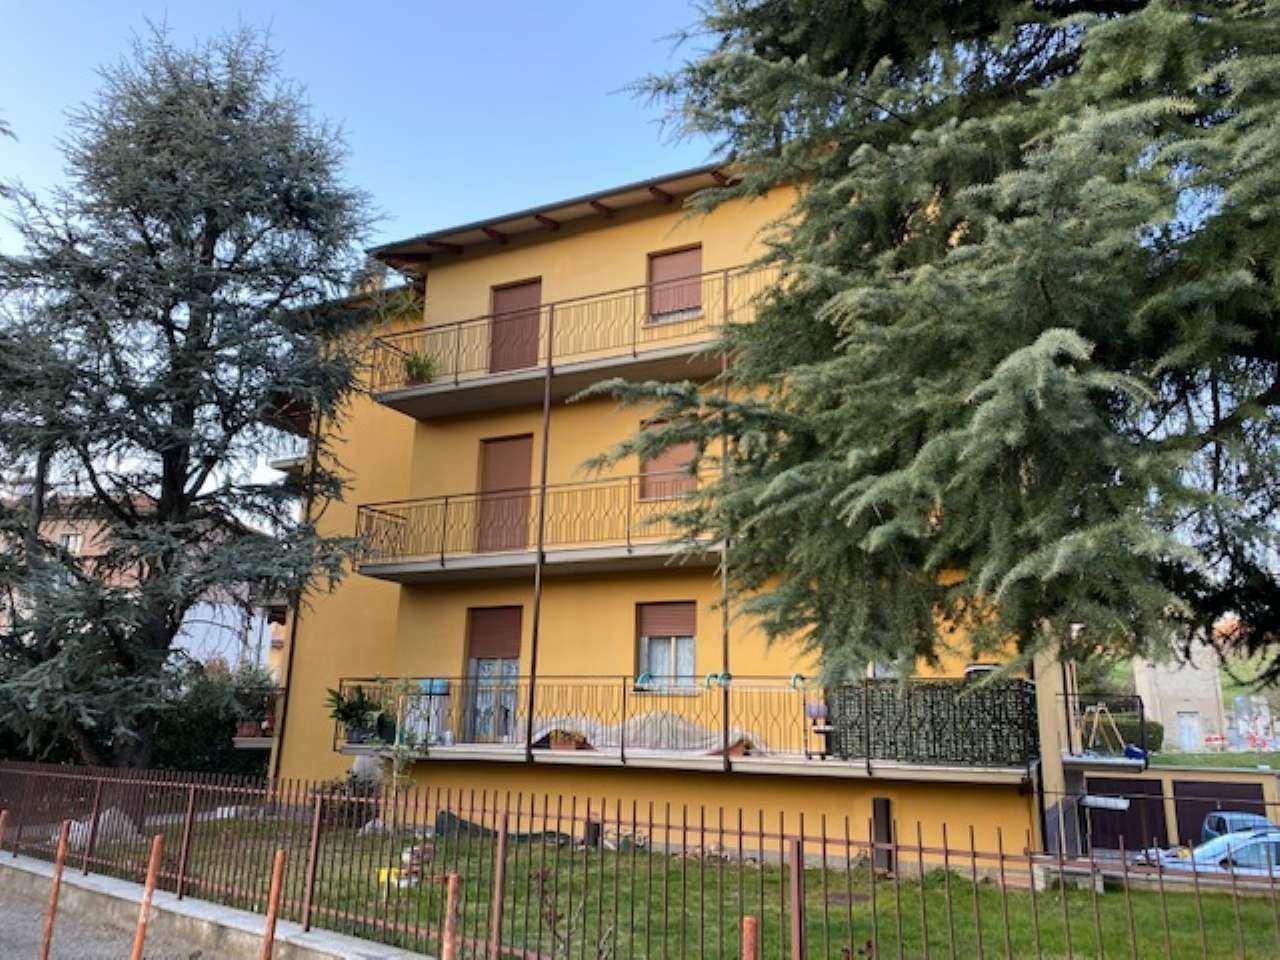 Quadrilocale, Via Idice, Località Mercatale, Ozzano dell'Emilia, foto 13